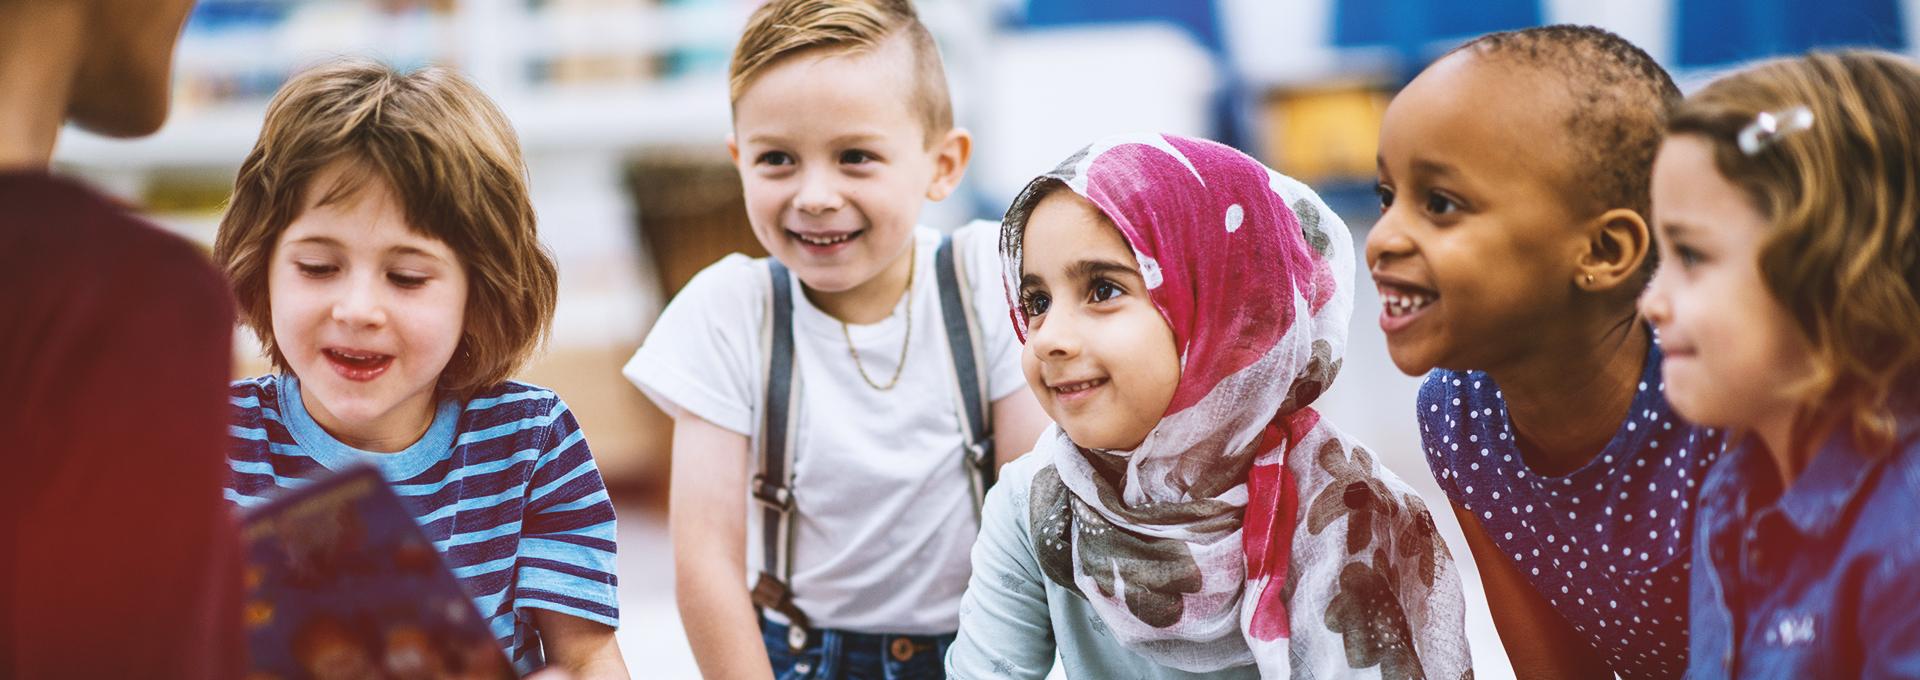 DIE LINKE. Bildungspolitik, Mehr Chancengleichheit und mehr Investitionen in das Bildungssystem in Bayern